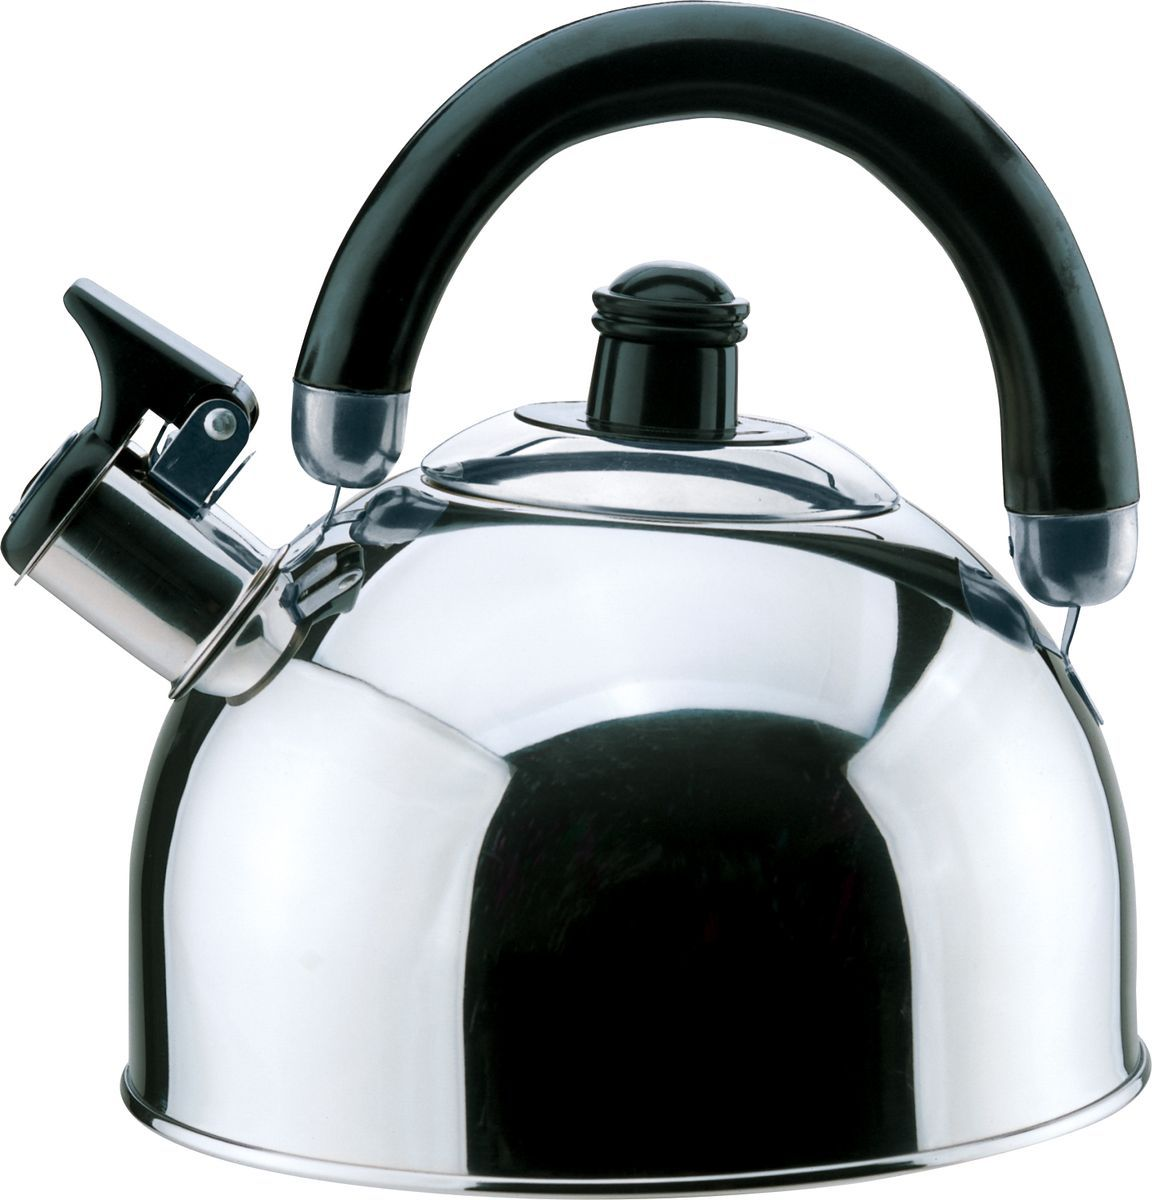 Чайник Bekker, со свистком, цвет: серебристый, 2,5 л. BK-S341MBK-S341M(12)Чайник Bekker выполнен из высококачественной нержавеющей стали, что обеспечивает долговечность использования. Пластмассовая подвижная ручка делает использование чайника очень удобным и безопасным. Чайник снабжен свистком и устройством для открывания носика, которое находится на ручке. Изделие оснащено капсулированным дном для лучшего распространения тепла.Пригоден для всех видов плит, включая индукционные.